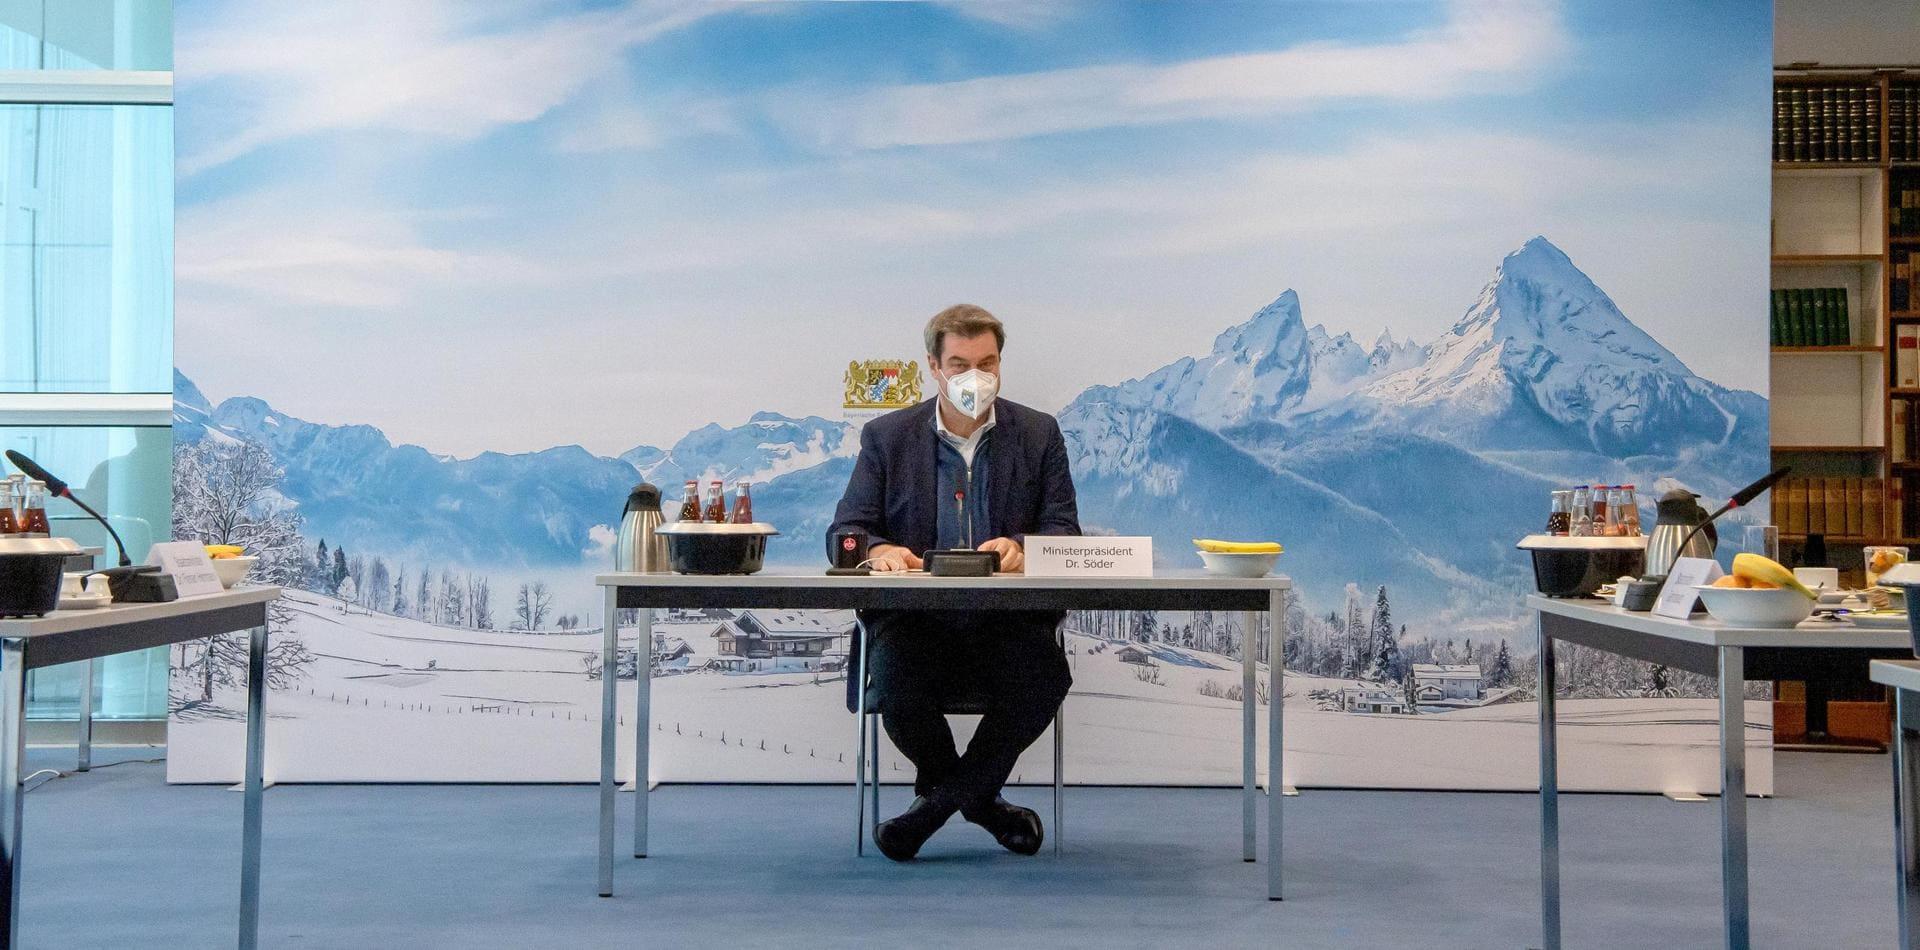 Bayern: FFP2-Maskenpflicht für Nahverkehr und Einzelhandel Ab Montag, 18. Januar